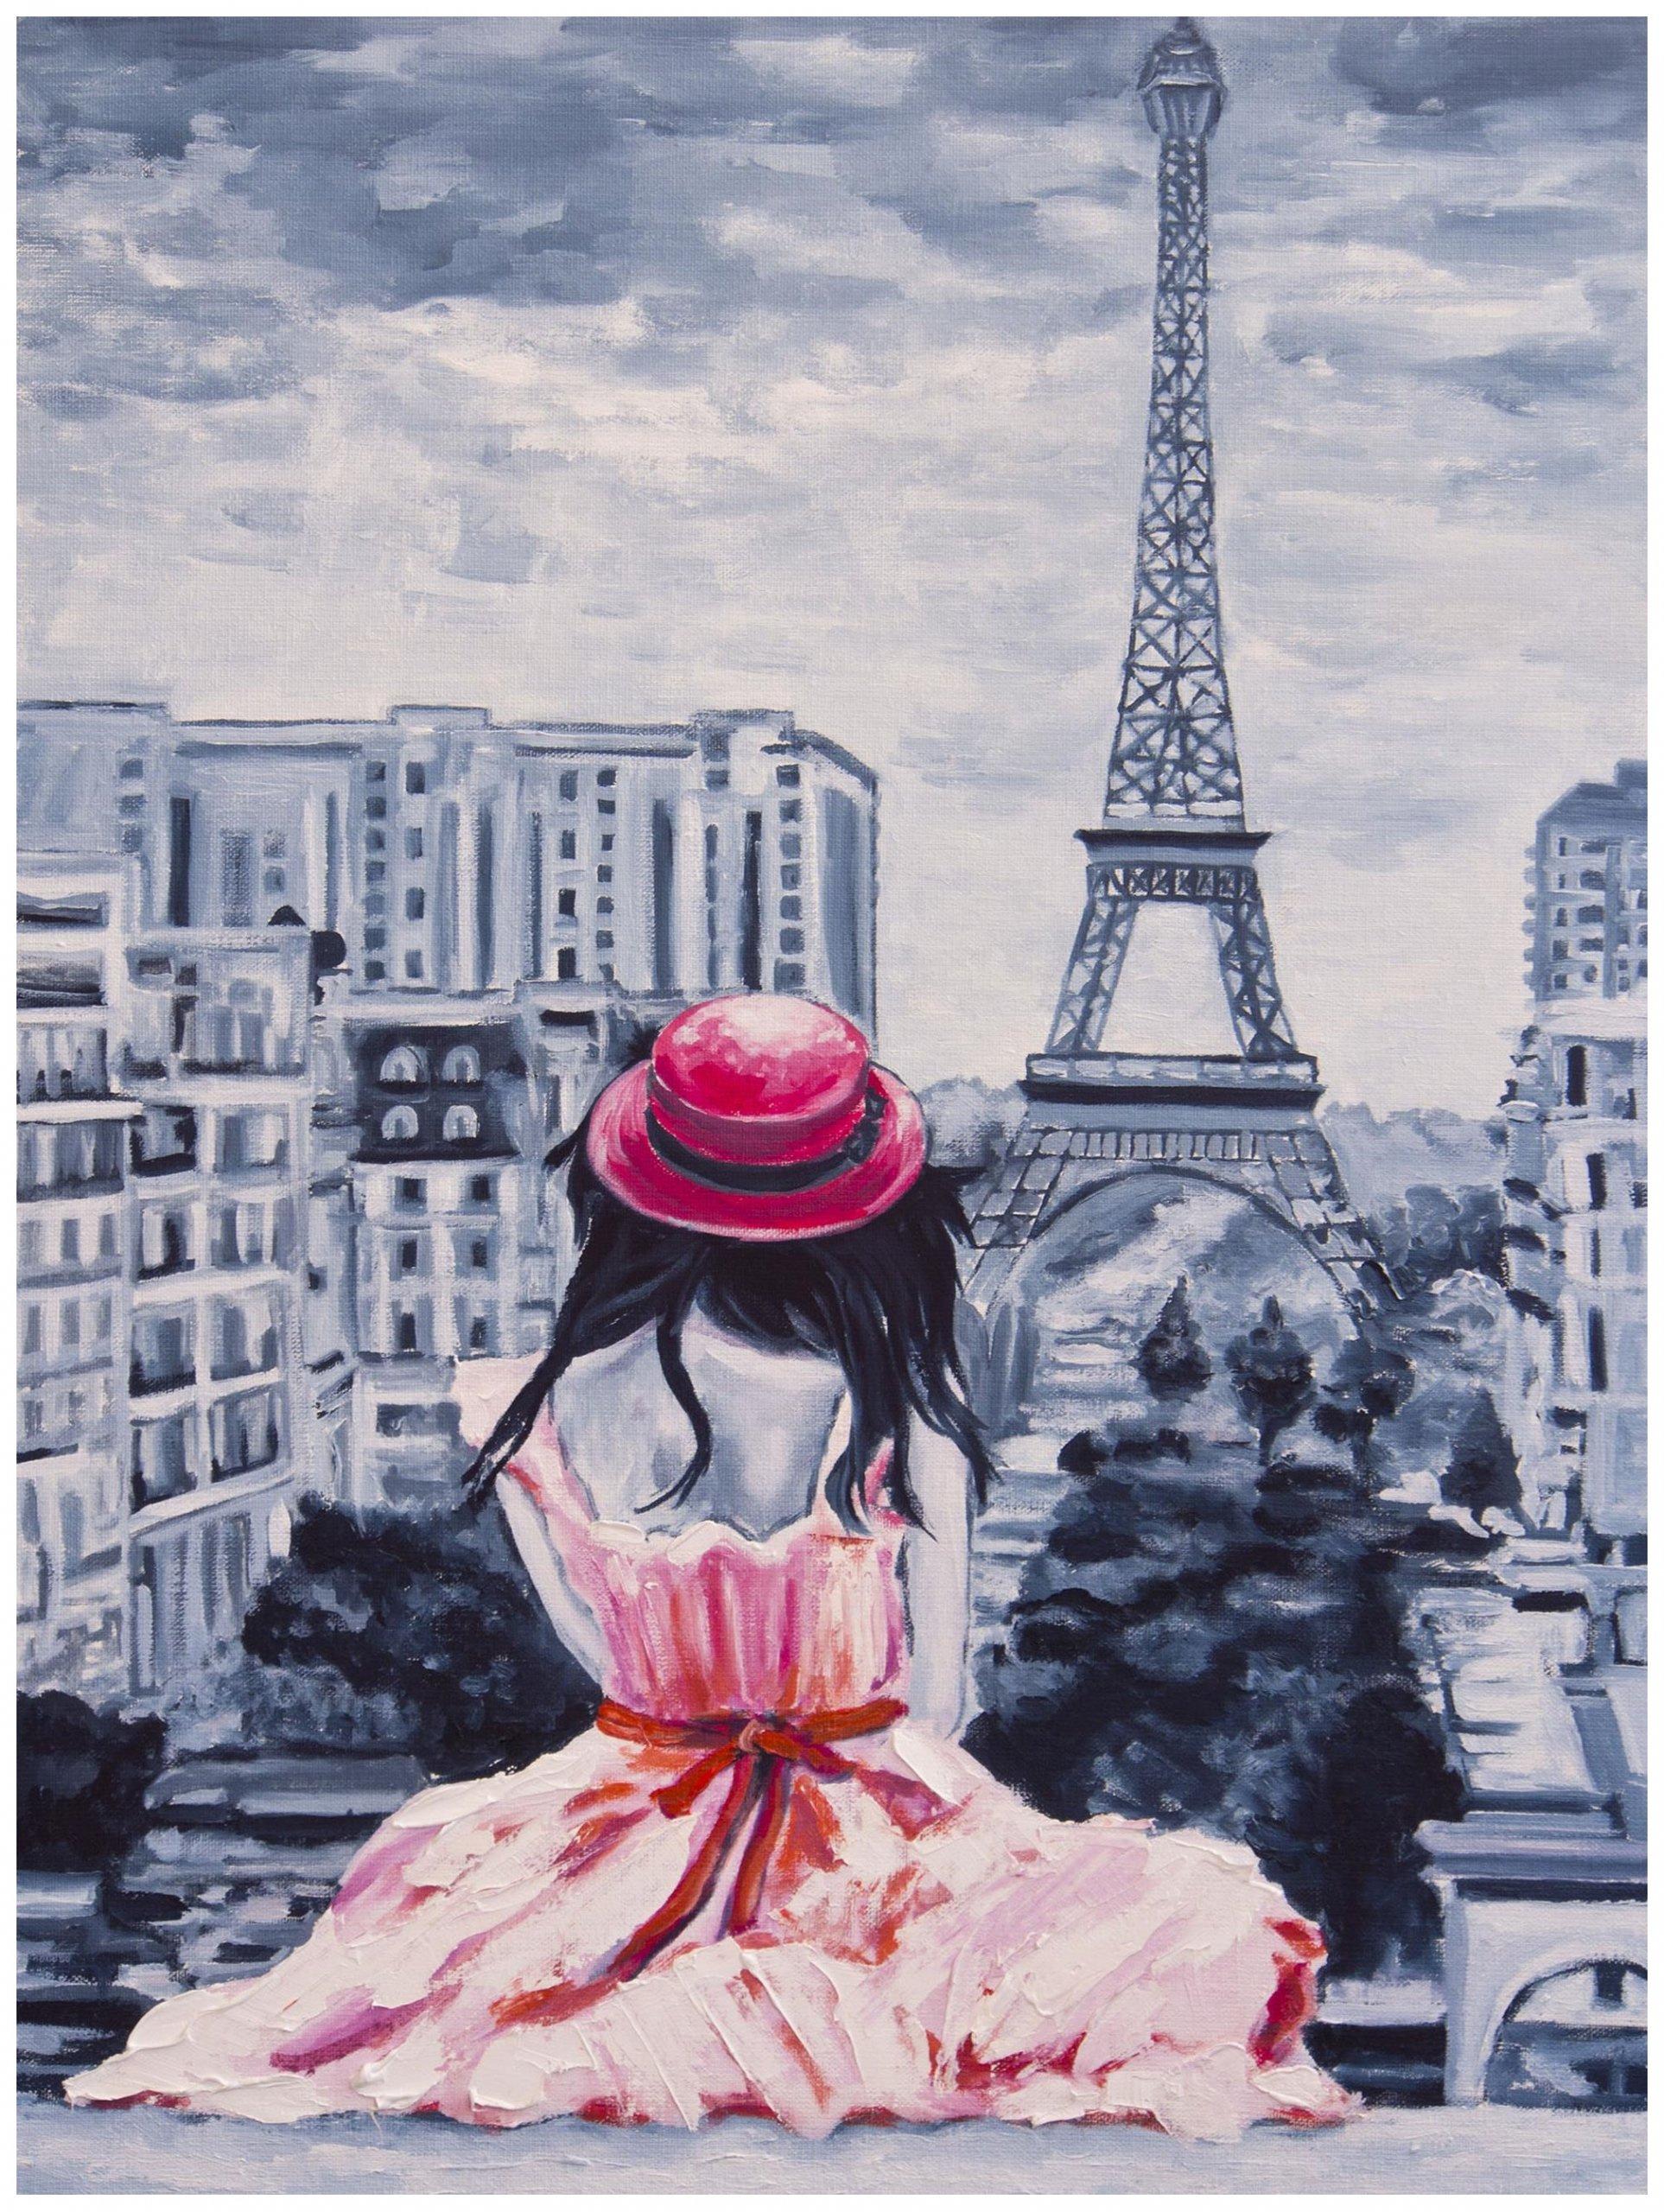 Fototapeta jak malowana wieża Eiffla Paryż